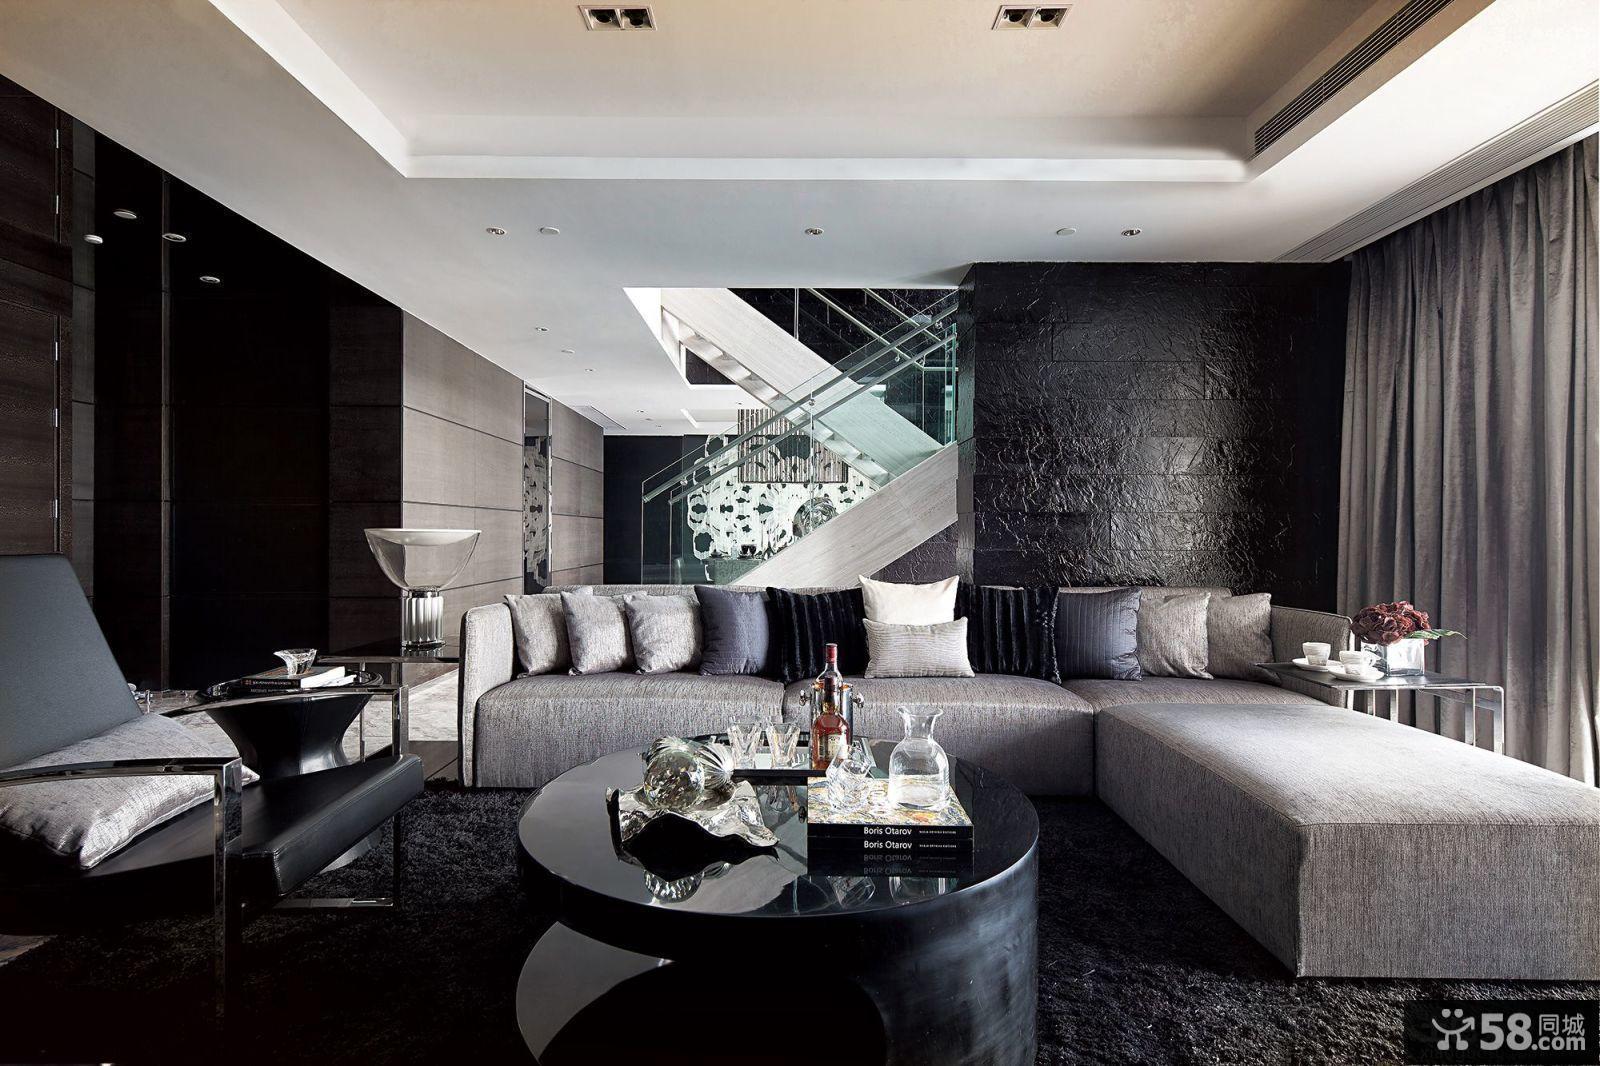 現代風格躍層式三居客廳裝修效果圖